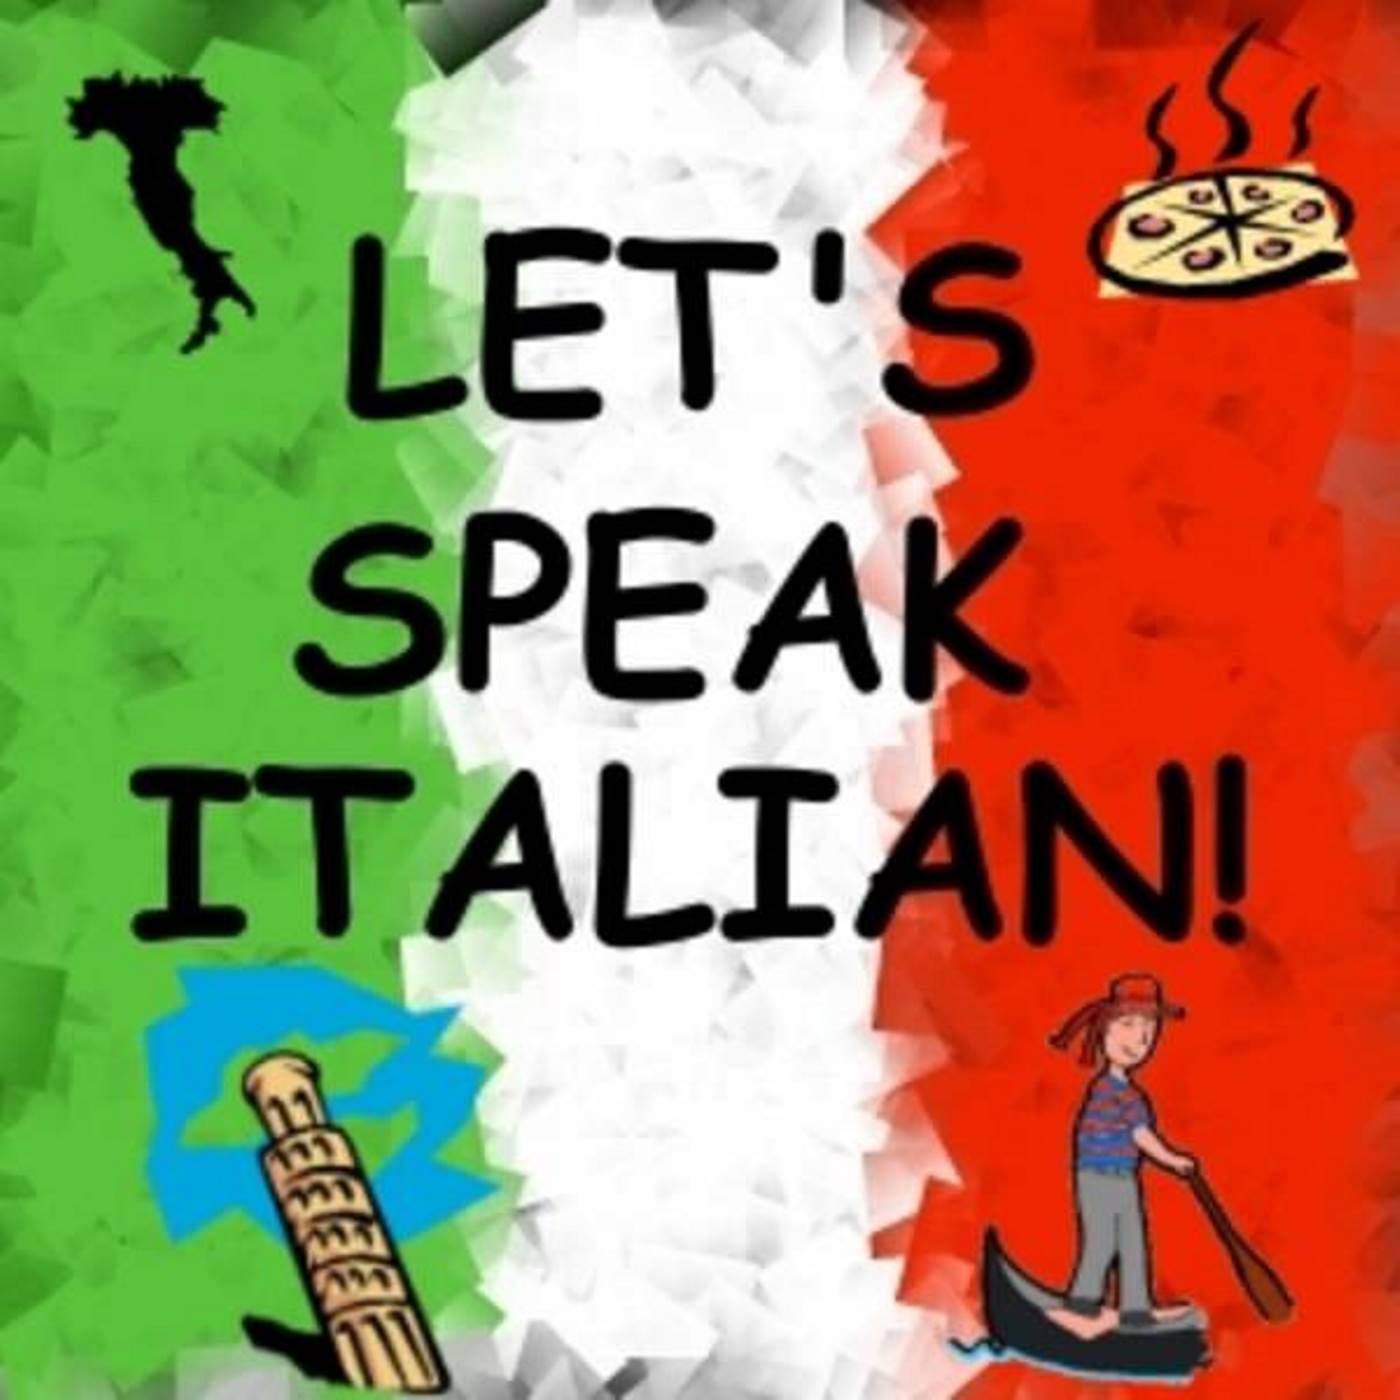 Let's Speak Italian! show art